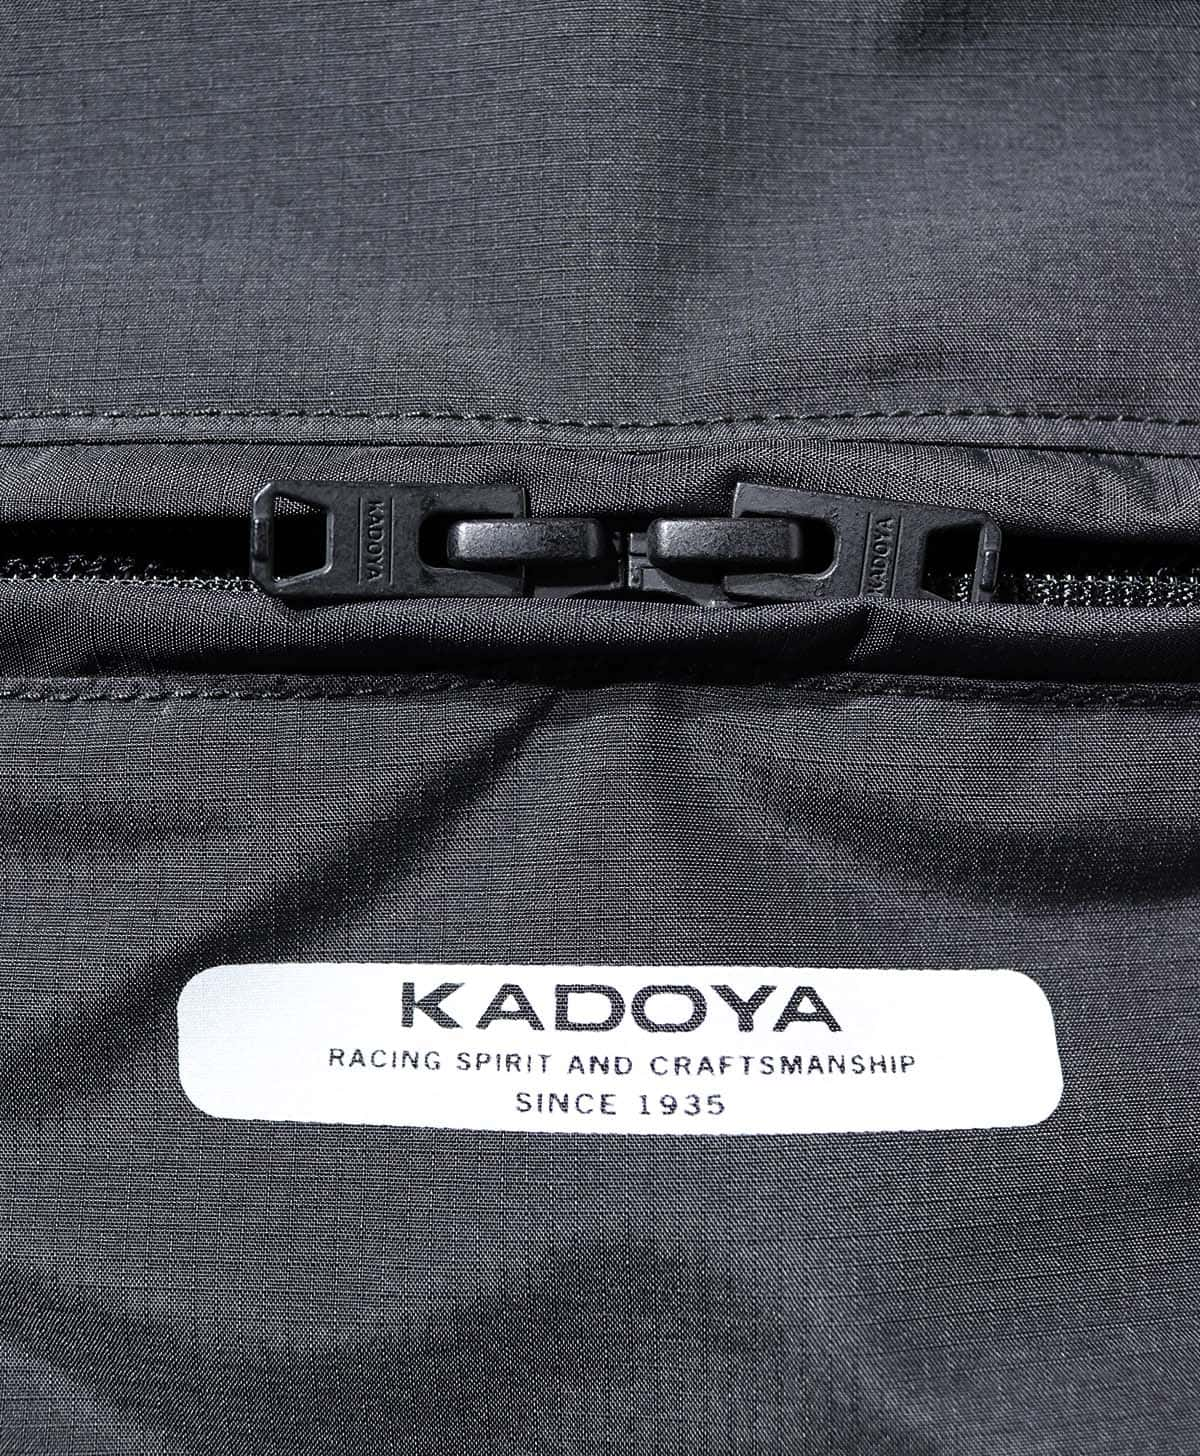 予約販売 カドヤ(KADOYA) K'S LEATHER & K'S PRODUCT ASTRO PARKA アストロパーカー ネイビー